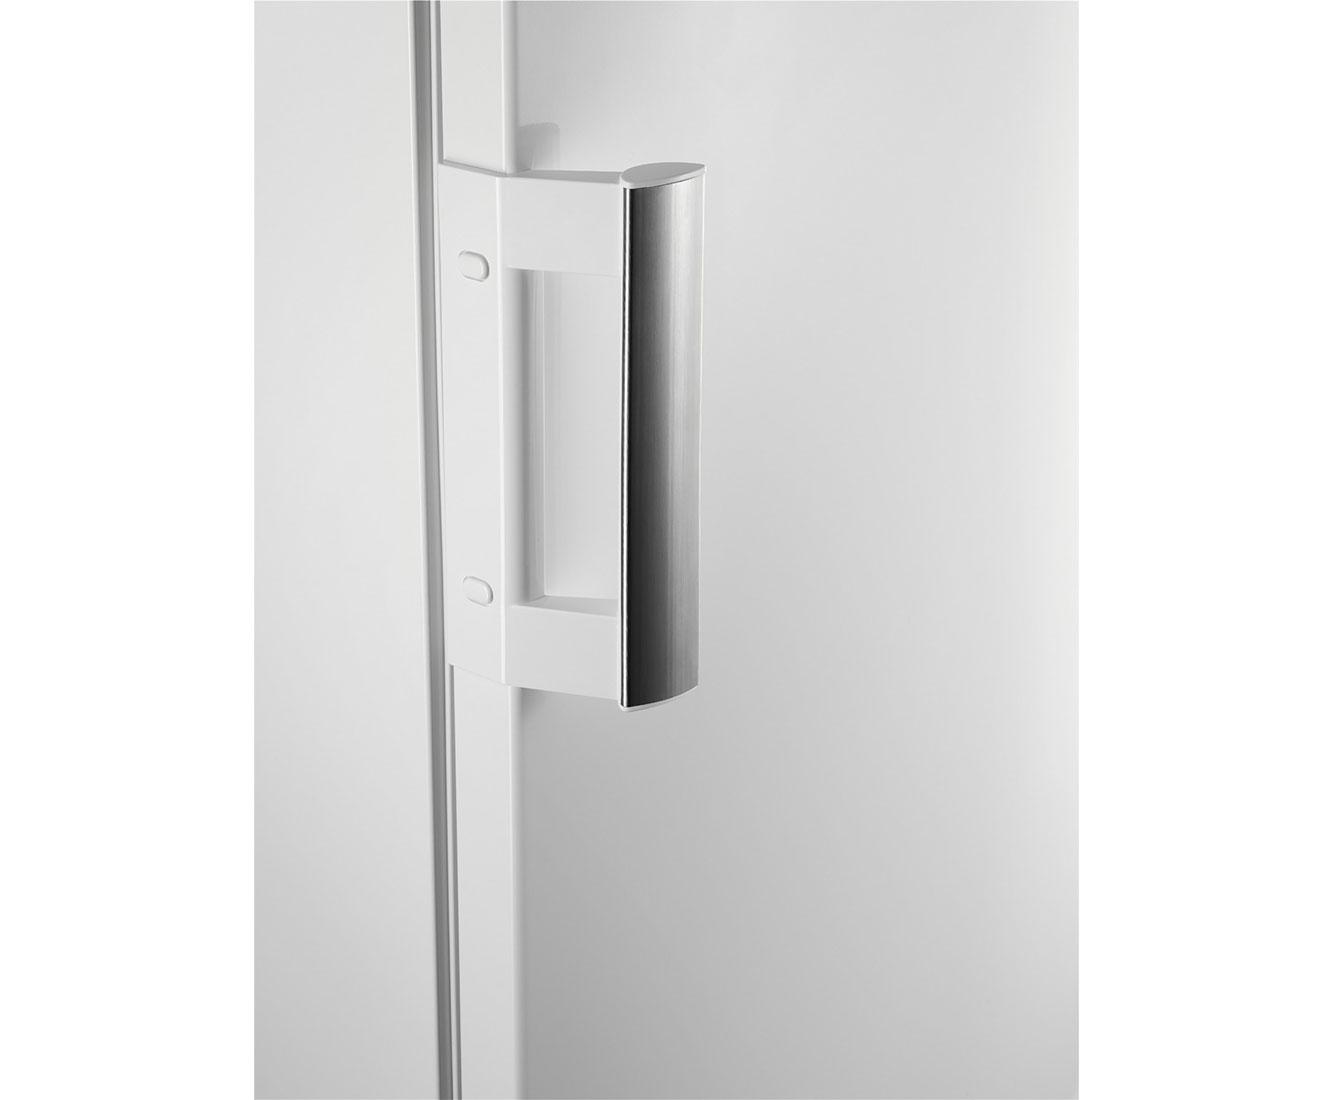 Aeg Kühlschrank 5 Jahre Garantie : Aeg santo rtb aw tisch kühlschrank weiß a